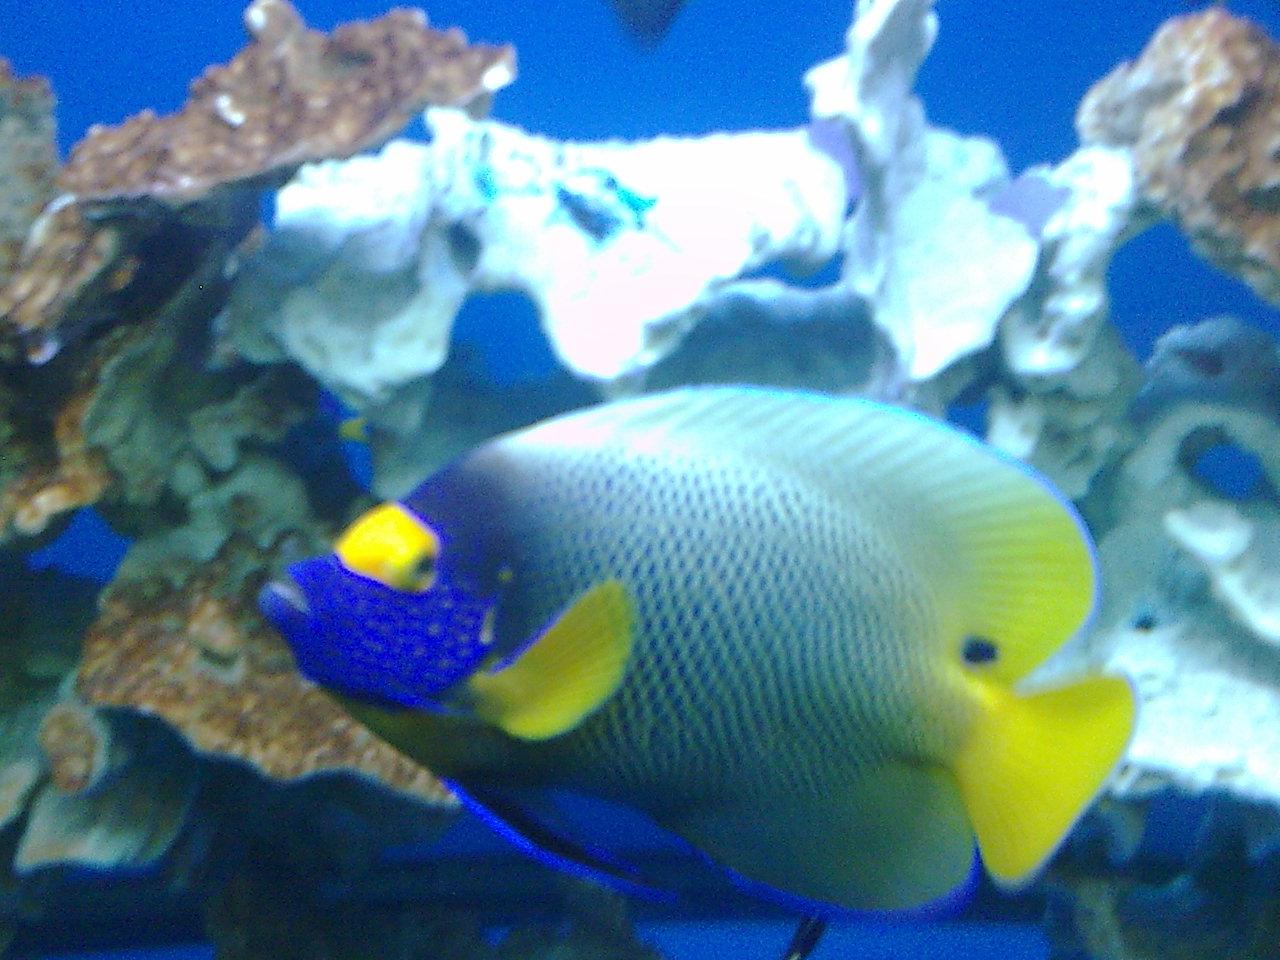 壁纸 动物 海底 海底世界 海洋馆 水族馆 鱼 鱼类 1280_960